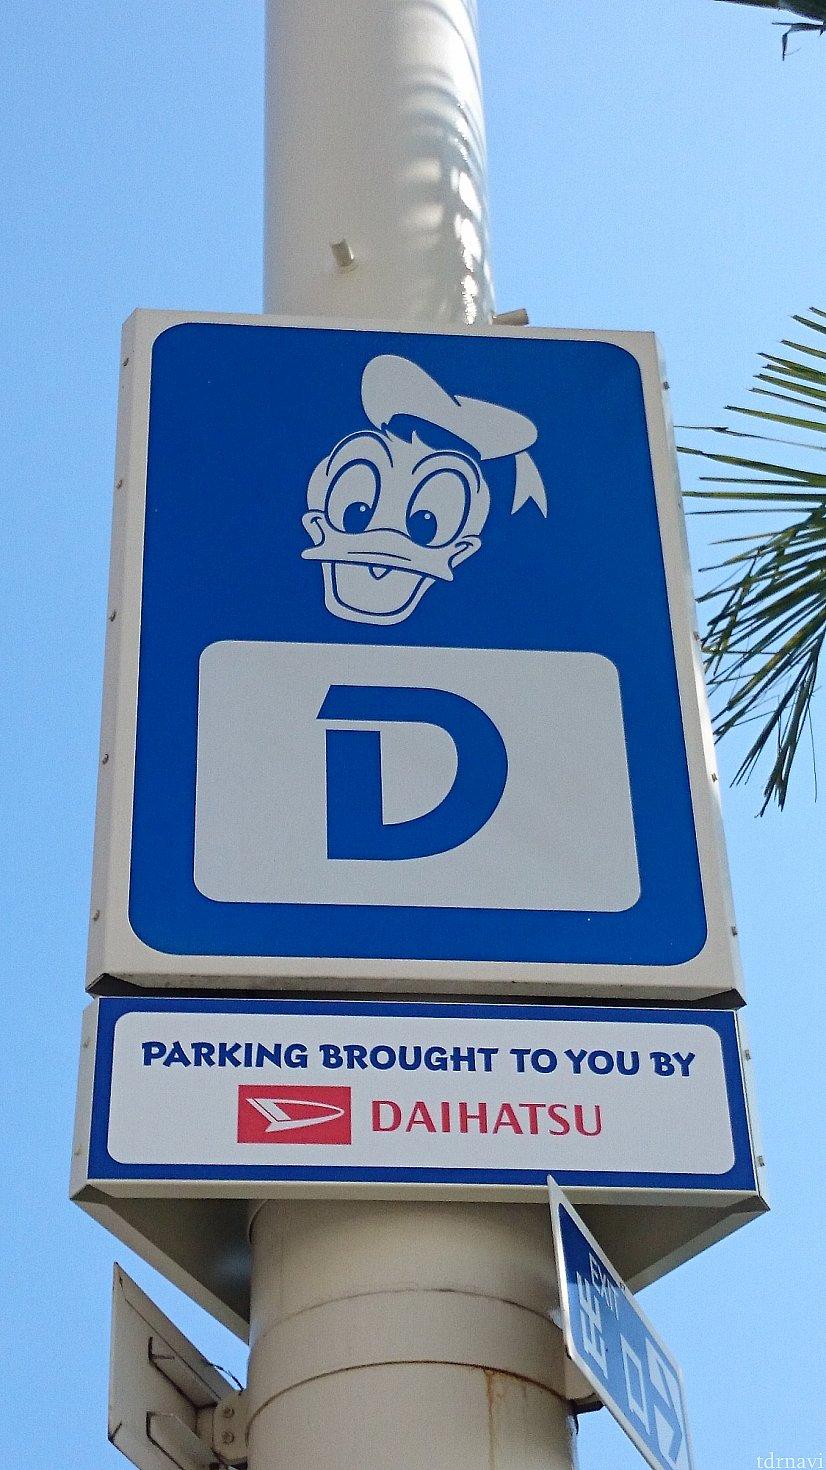 2017年7月1日にダイハツがスポンサーとなった為、看板にはダイハツのロゴが。